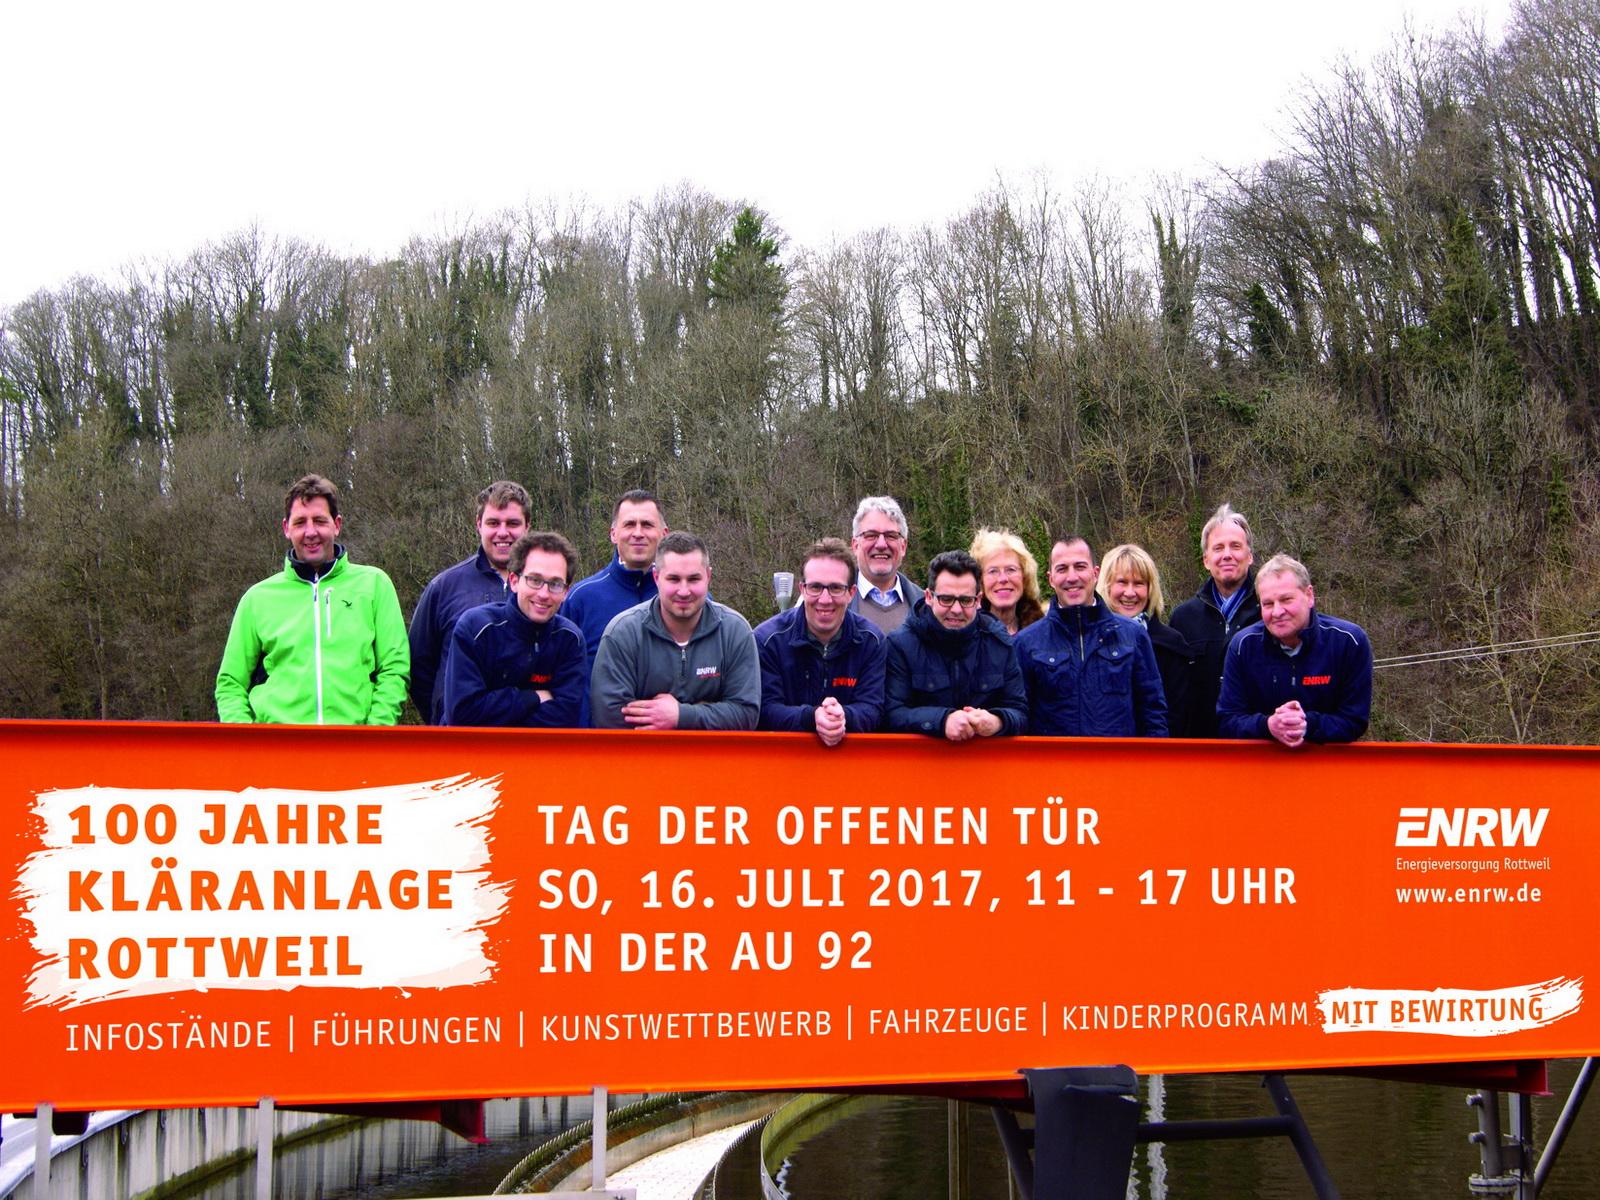 Team Kläranlage Rottweil